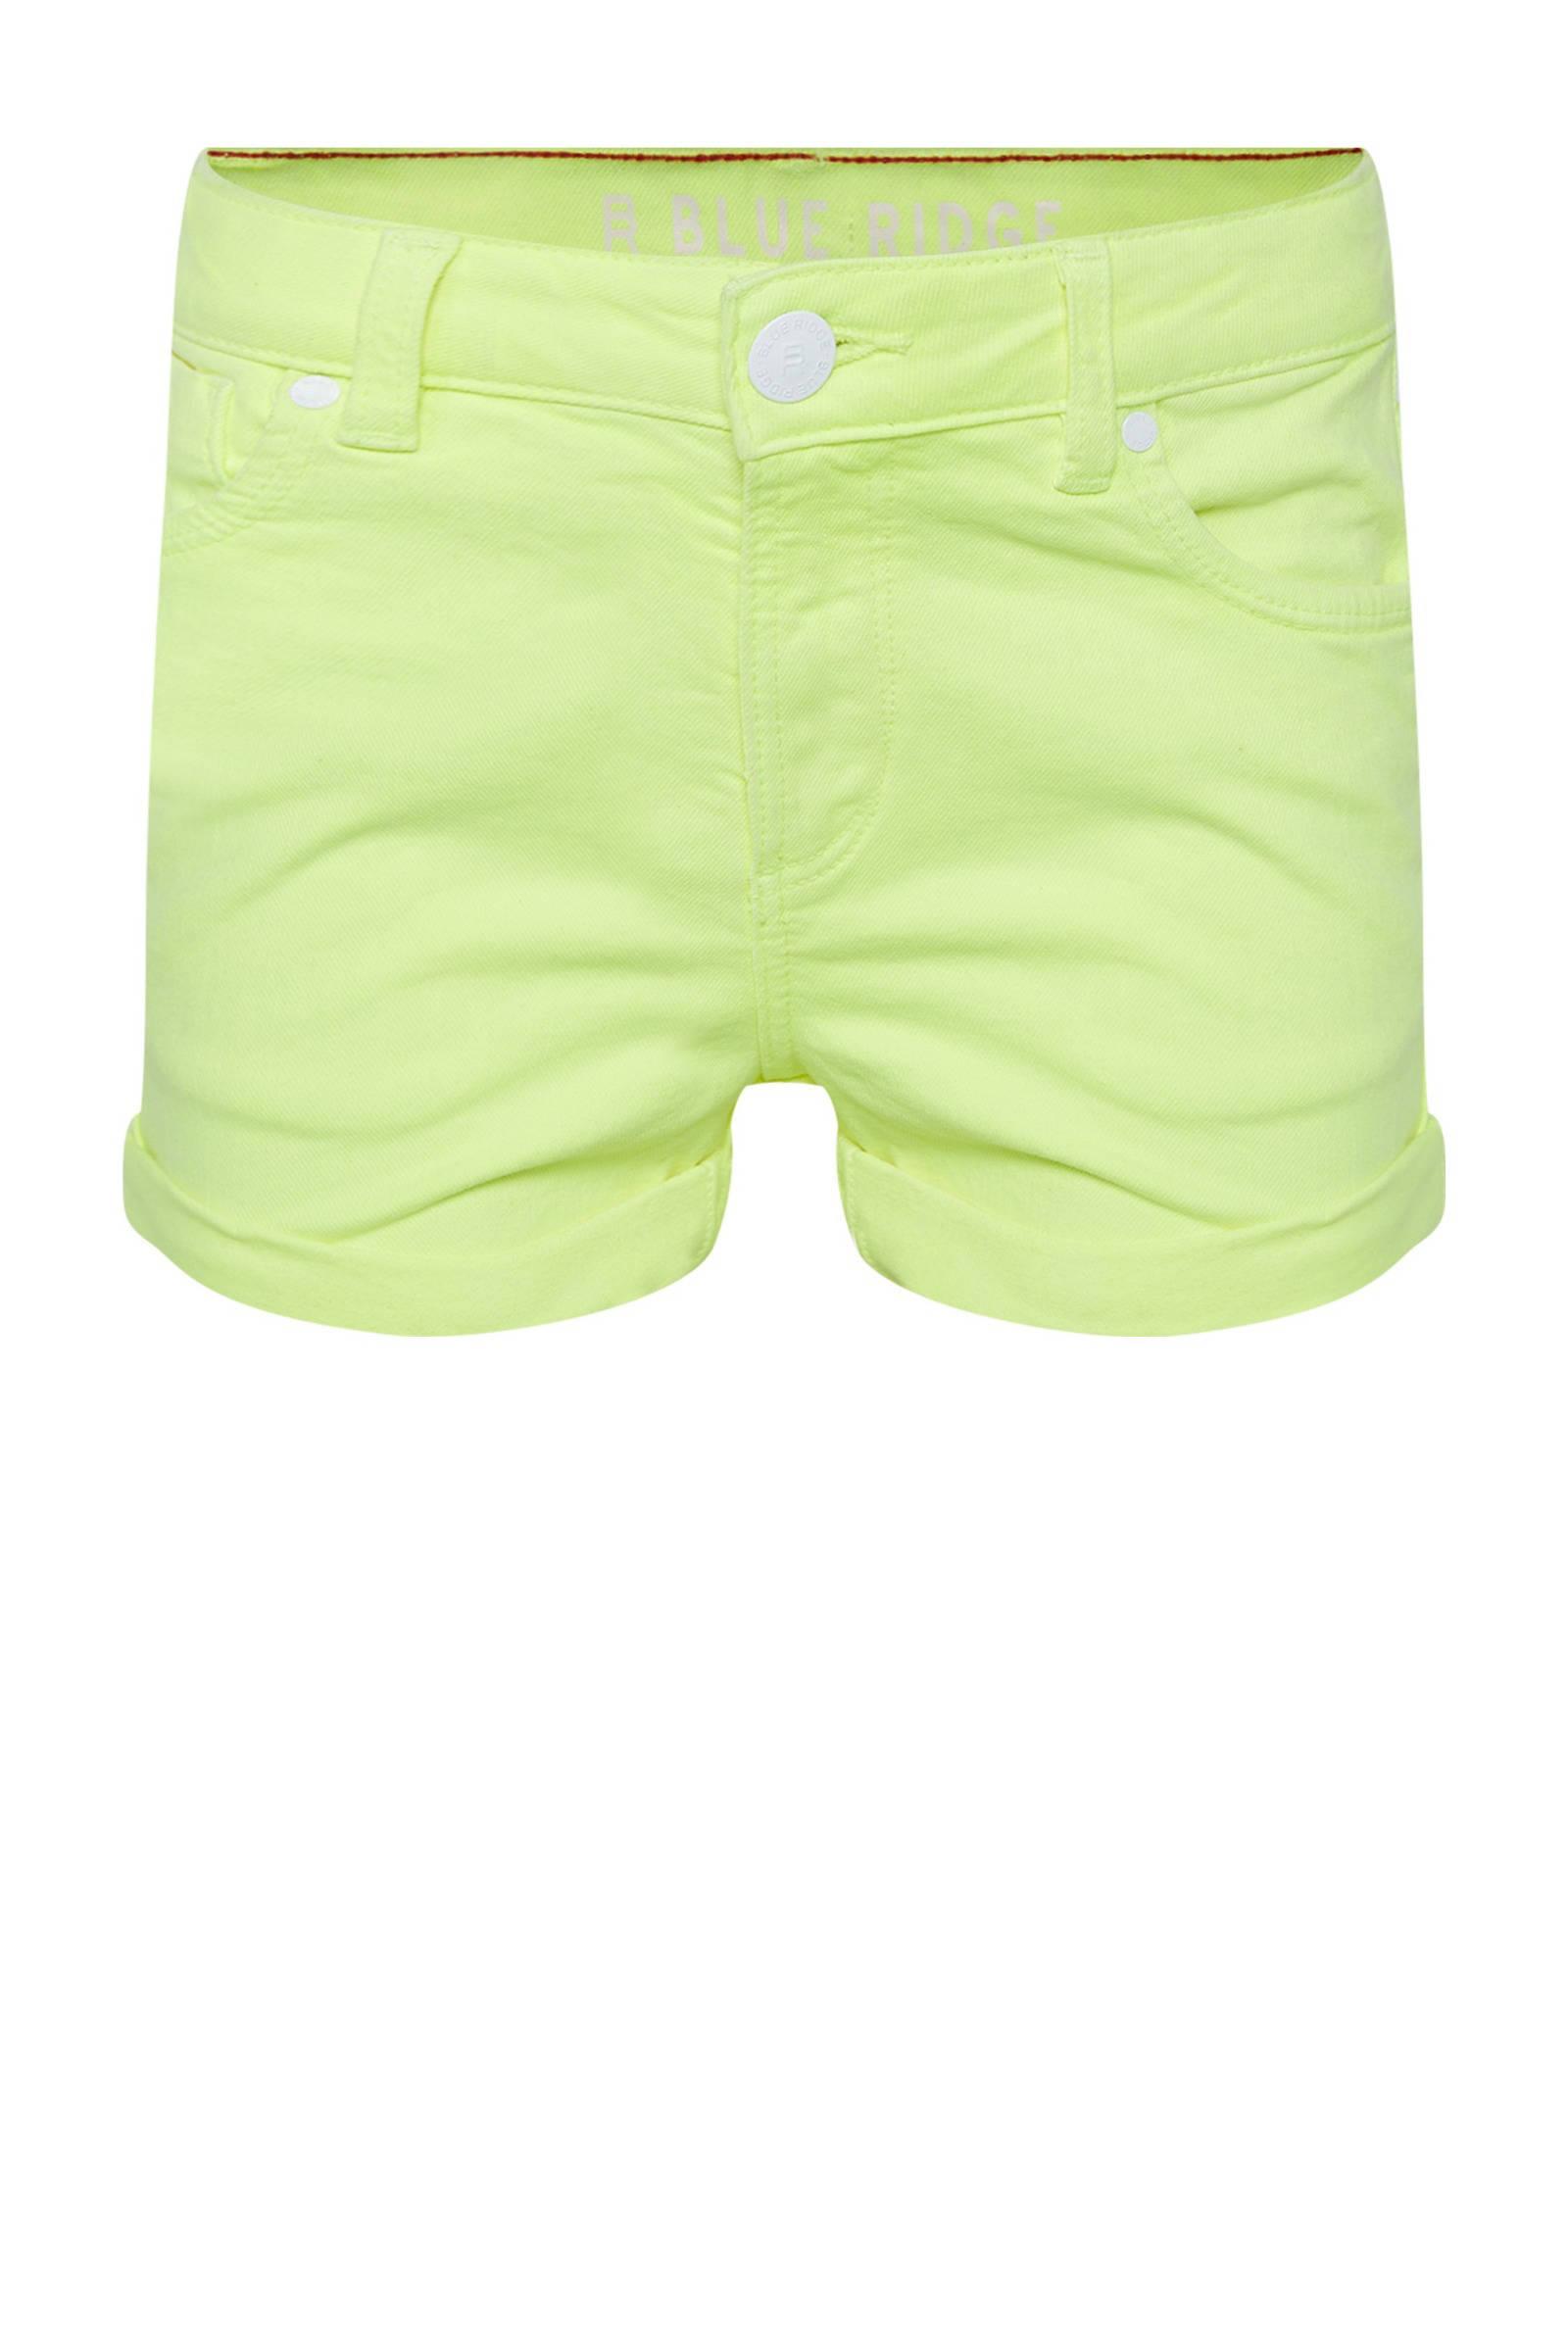 short neon geelwit